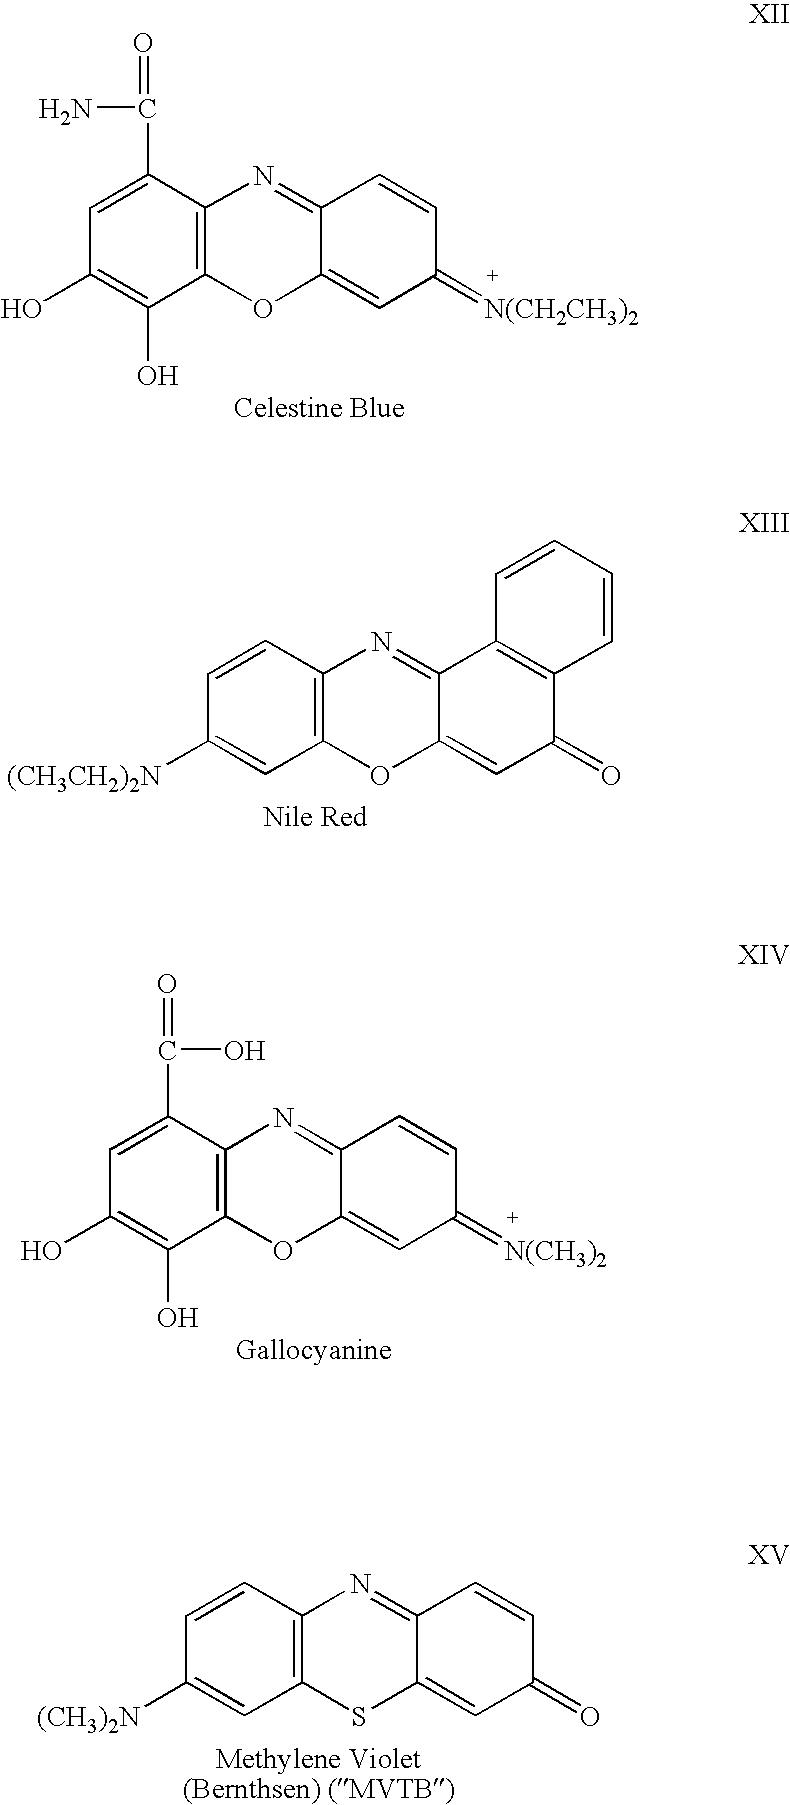 Figure US20050079326A1-20050414-C00022